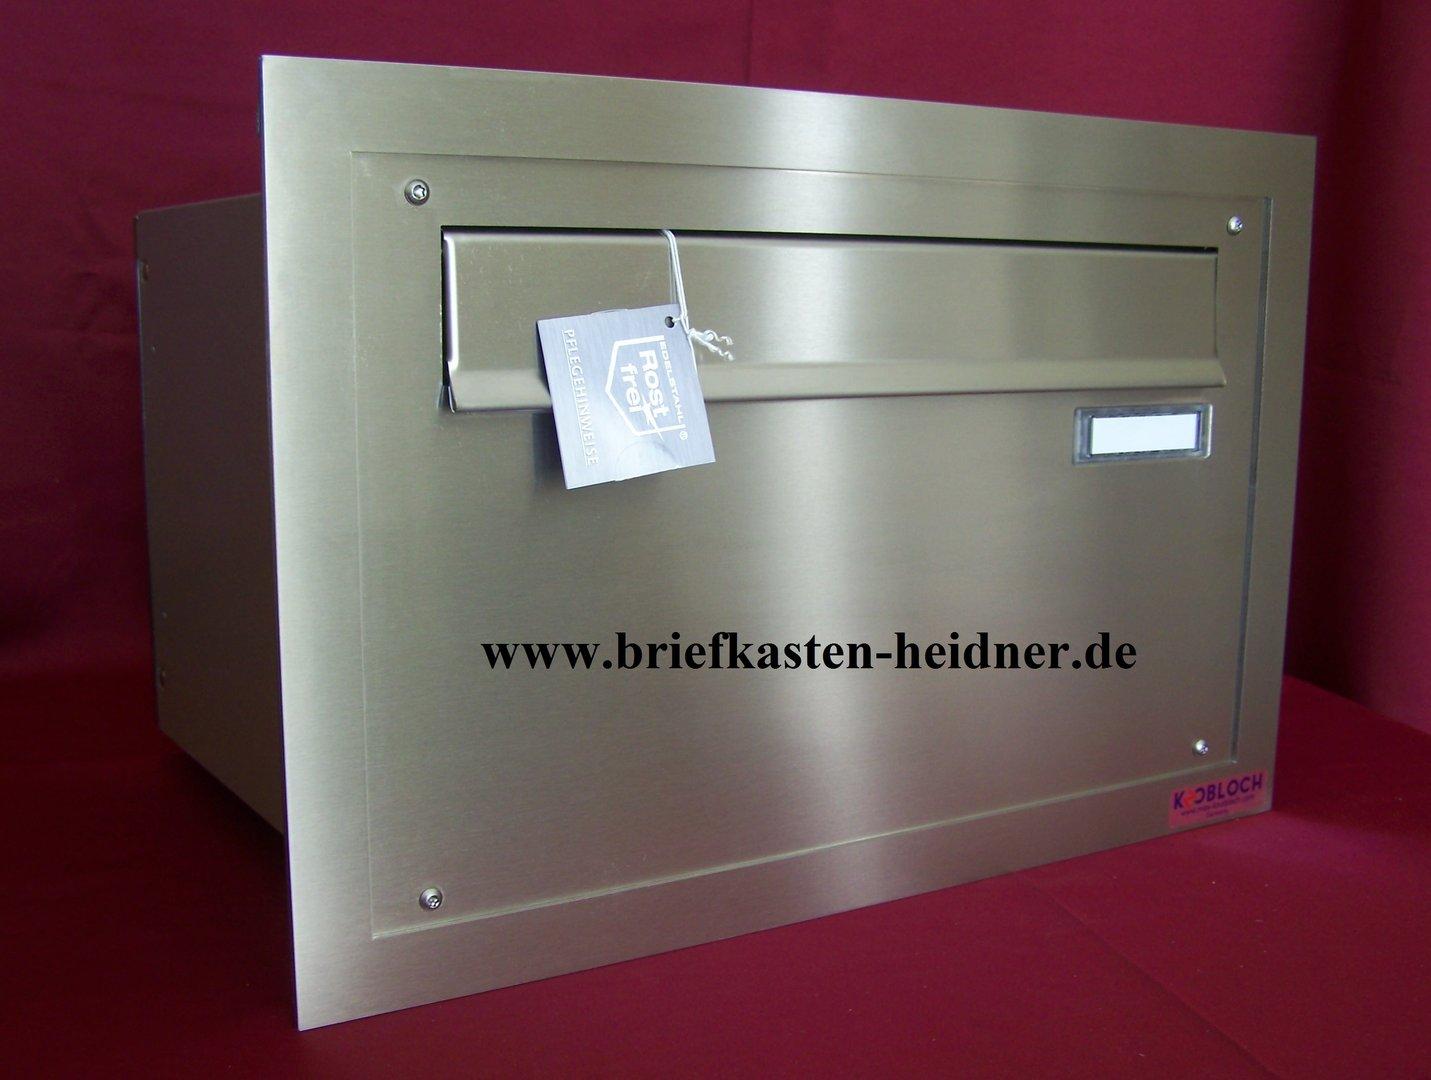 mdh17 knobloch mauerdurchwurf briefkasten 1 teilig fixtiefe 270 mm rahmen edelstahl www. Black Bedroom Furniture Sets. Home Design Ideas